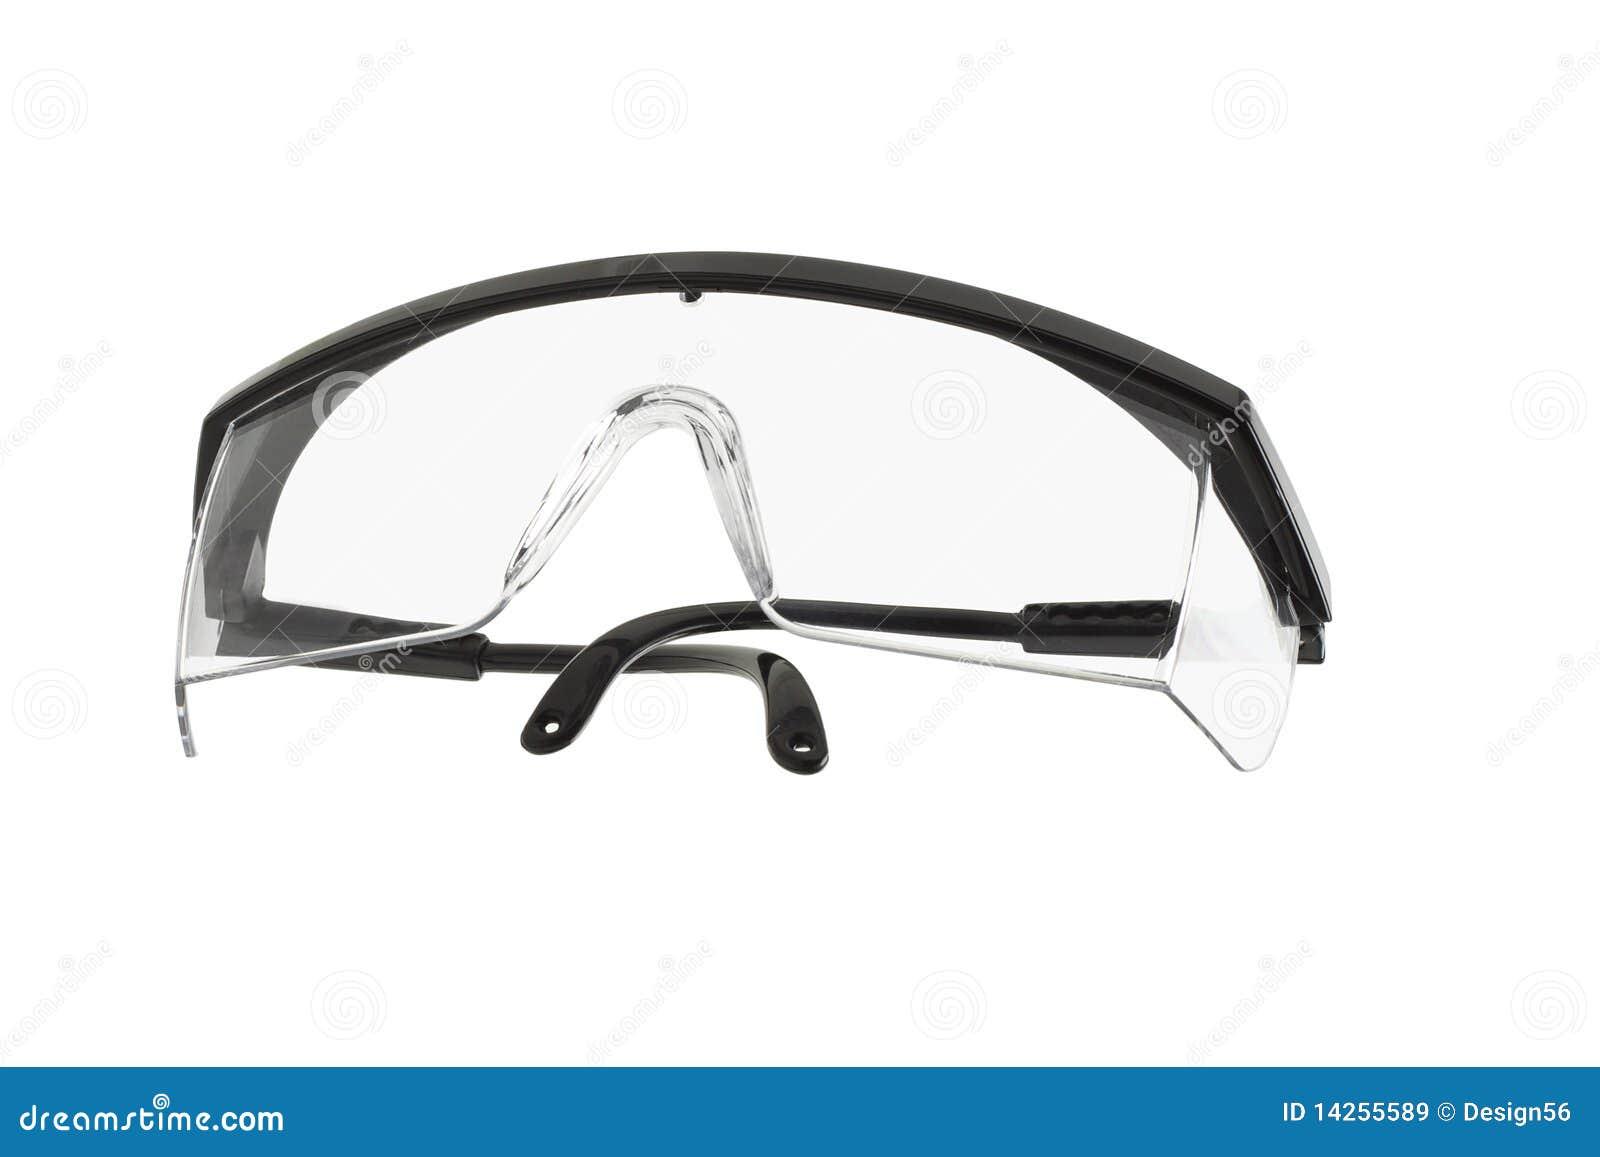 风镜塑料安全性